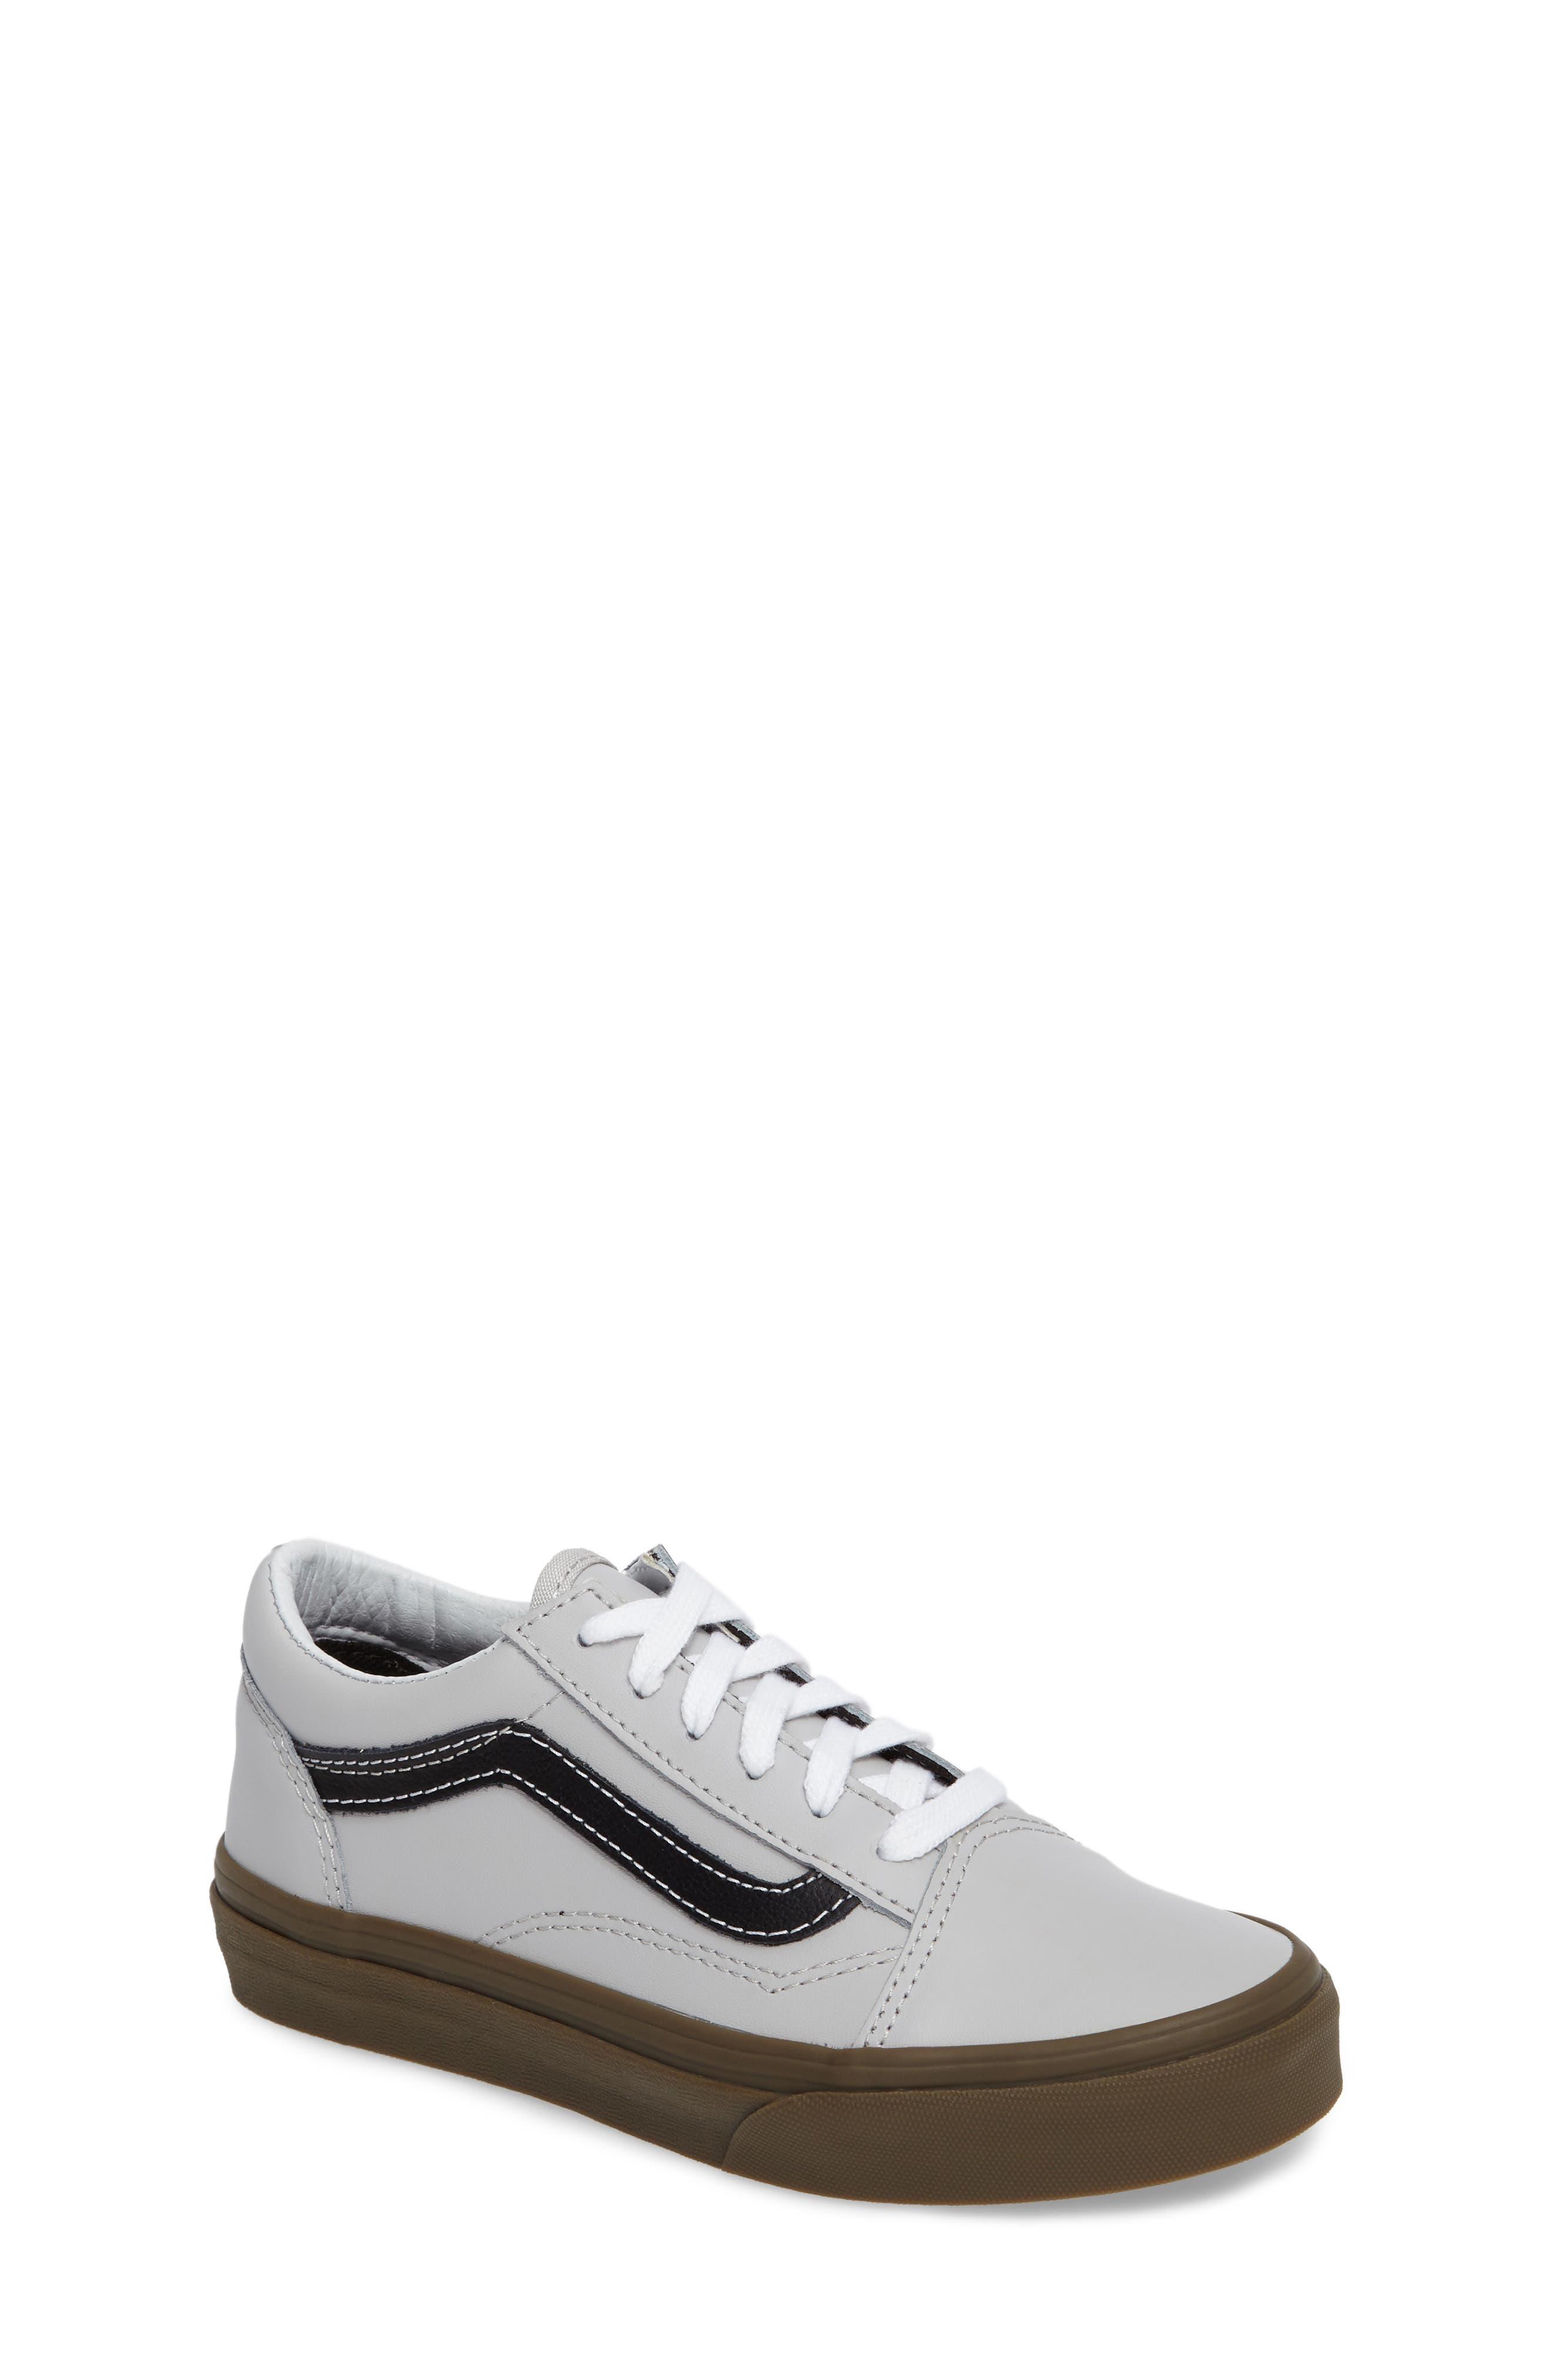 Old Skool Sneaker,                         Main,                         color, Bleacher Gray/ Black/ Gum